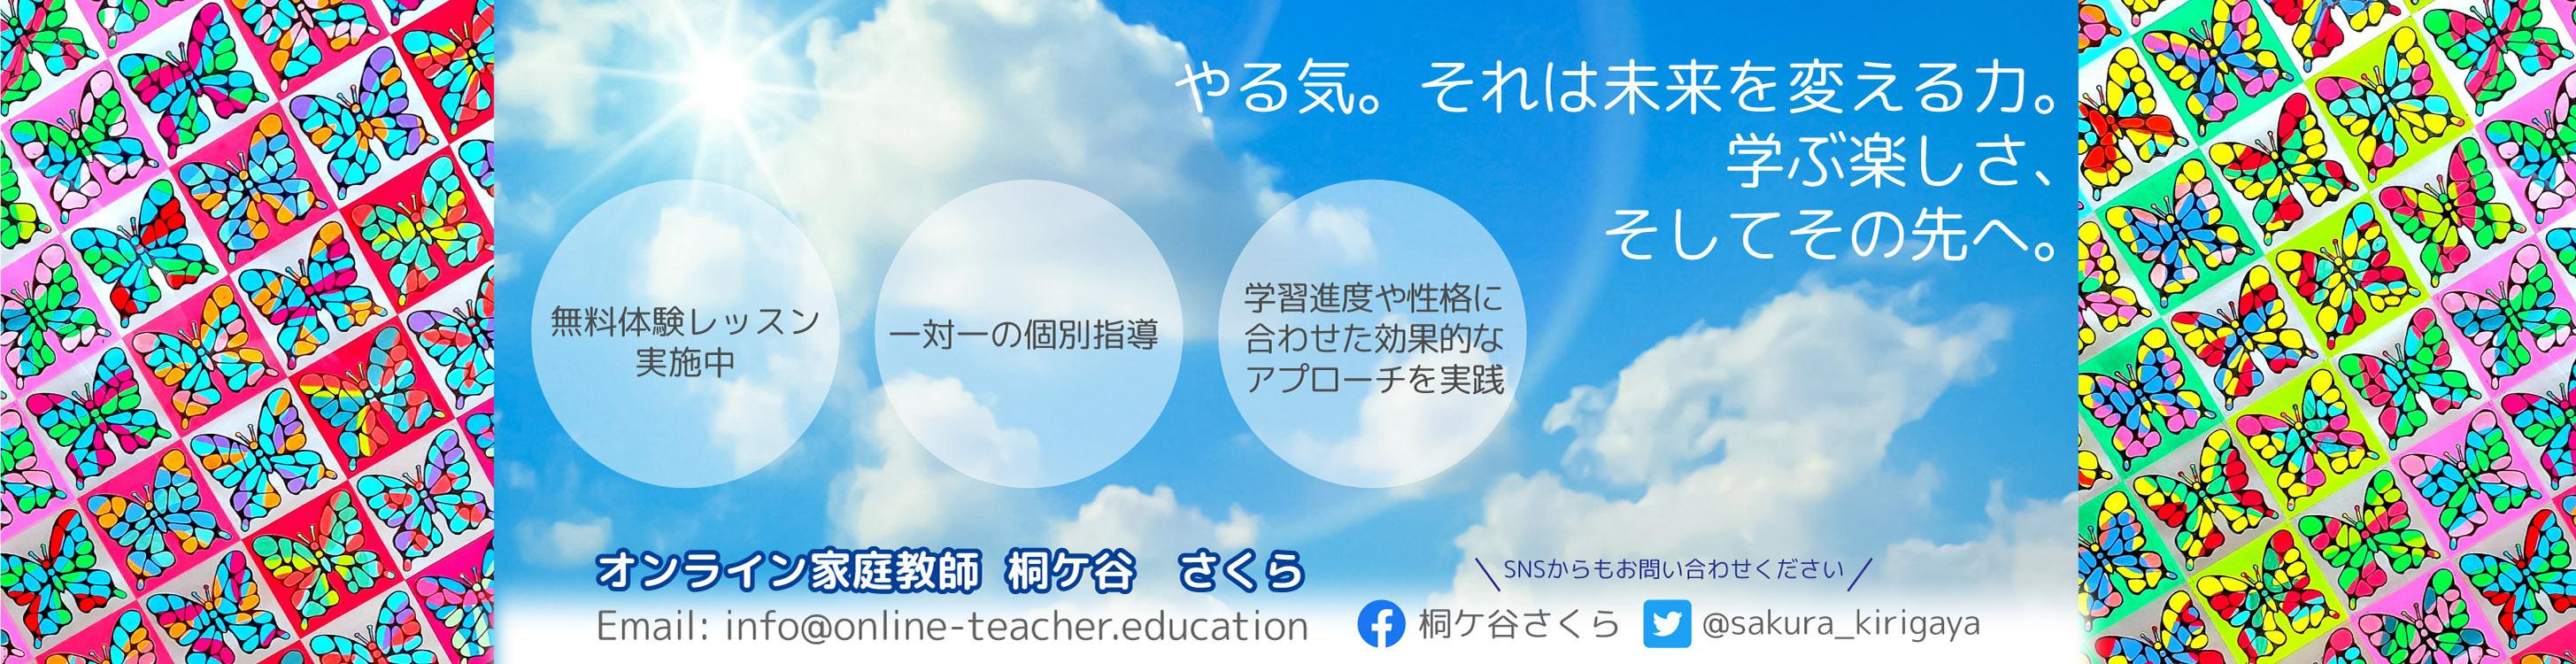 オンライン家庭教師 桐ヶ谷